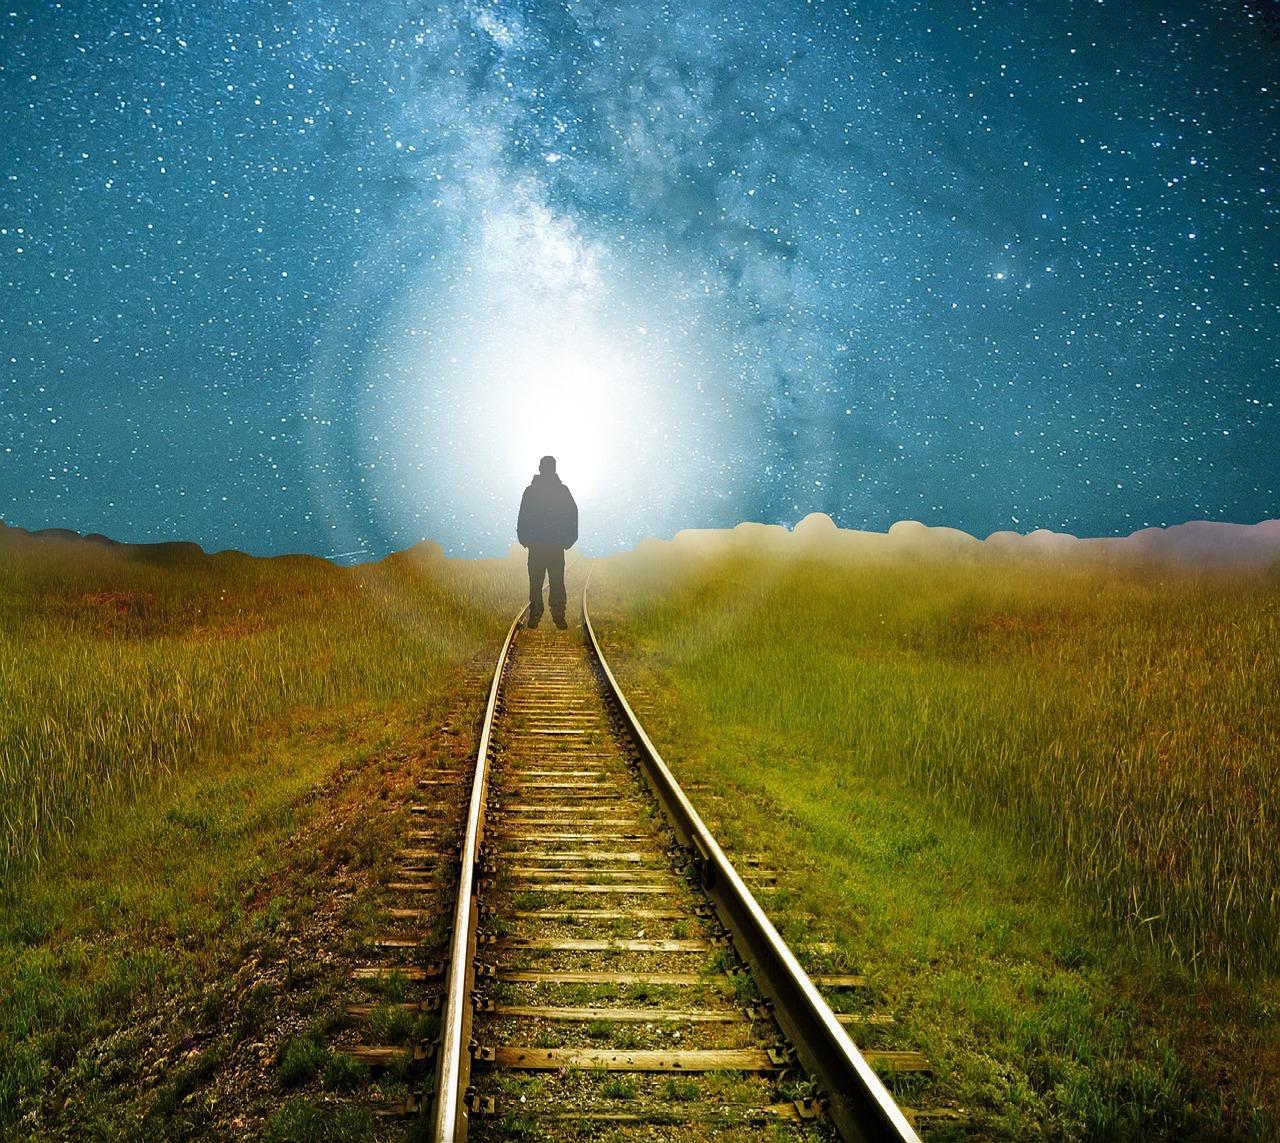 Way to Spirituality: शास्त्रों के अनुसार आत्मा मस्तिष्क में निवास करती है, लेकिन क्या विज्ञान इसे मानता है ? विज्ञान के अनुसार मरने के बाद आत्मा कहां जाती है, जानिए ?